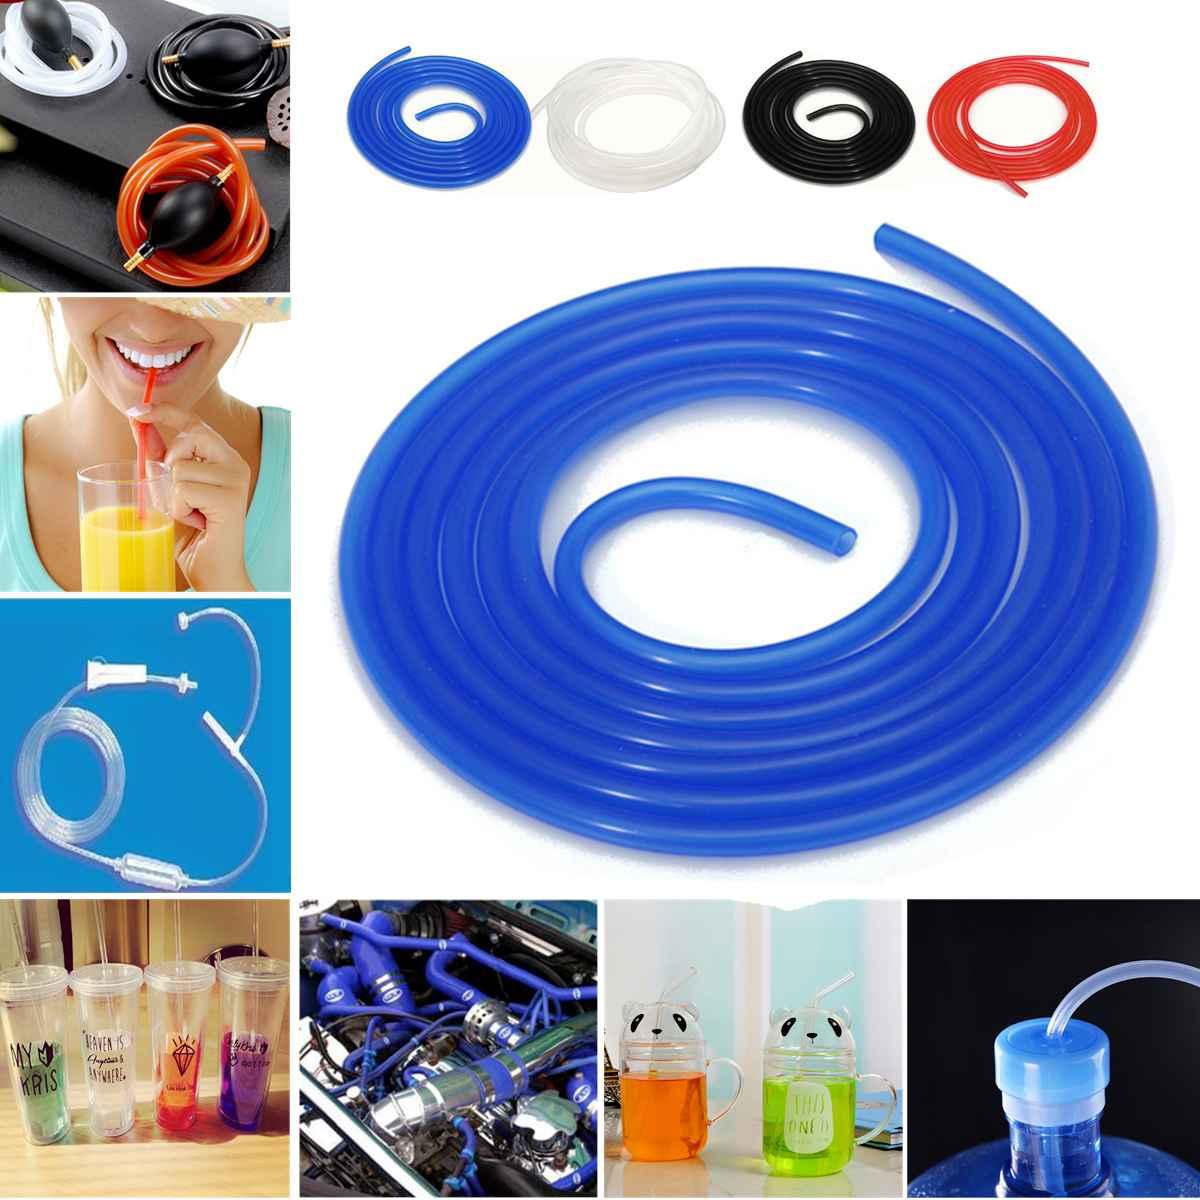 Etero Silicone Liquido Refrigerante Tubo 3 Meter Lunghezza Intercooler Tubo ID 3 millimetri 4 millimetri 5 millimetri 6 millimetri 10 millimetri rosso/Blu/Nero/trasparente